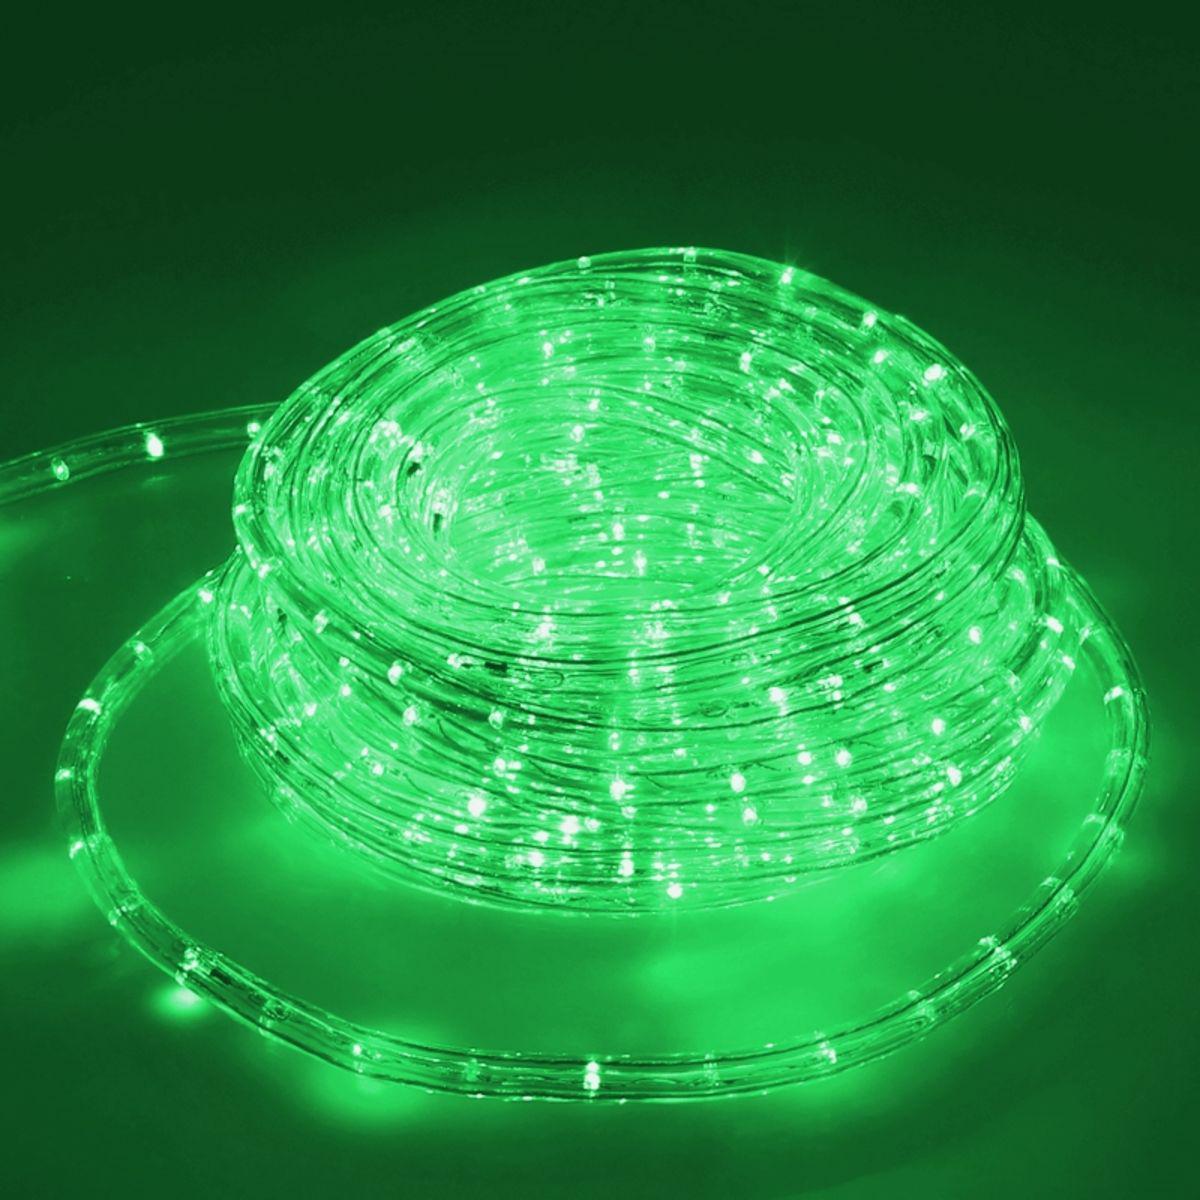 Ecd Germany ECD Germany LED Tube Lumière Guirlande 10m Vert - 22 W CA 220-240V - Bandes de LED de Noël pour Intérieur /Extérieur - I